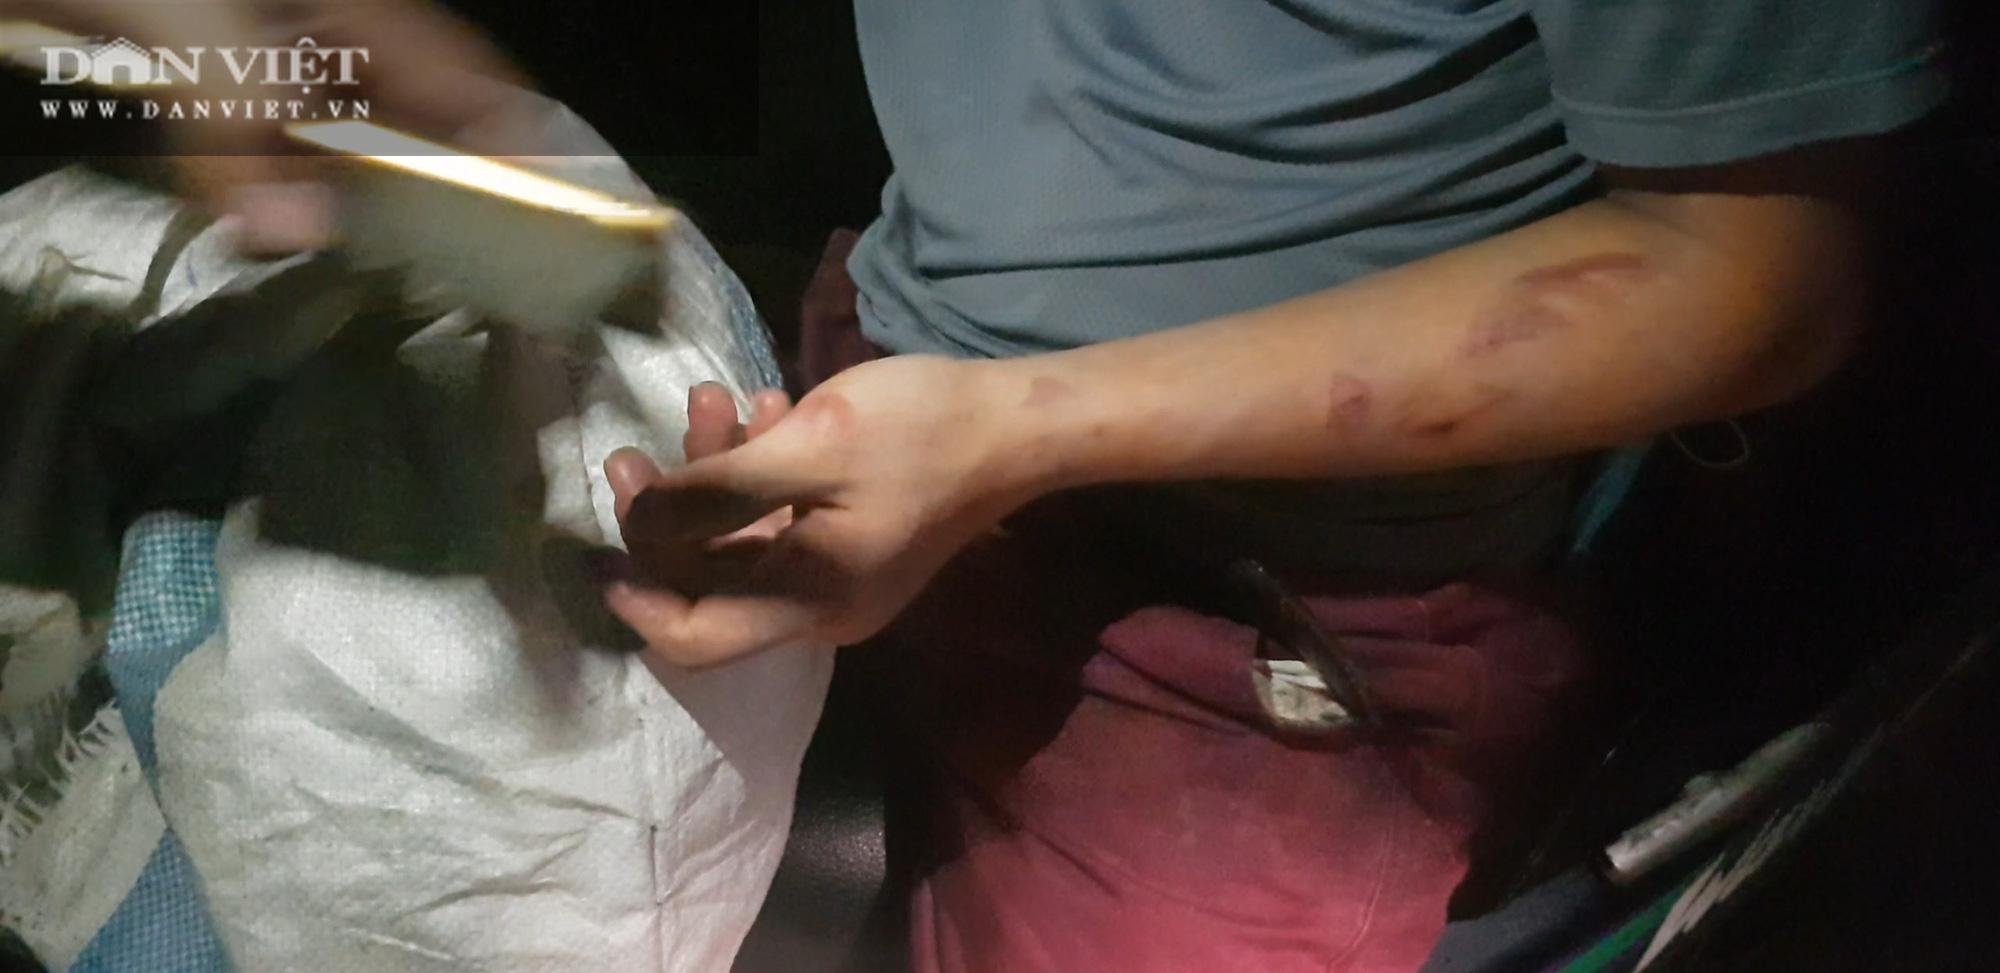 """Bắc Ninh: Nhân viên quán bánh xèo bị hành hung, tra tấn """"ác hơn con thú""""! - Ảnh 6."""